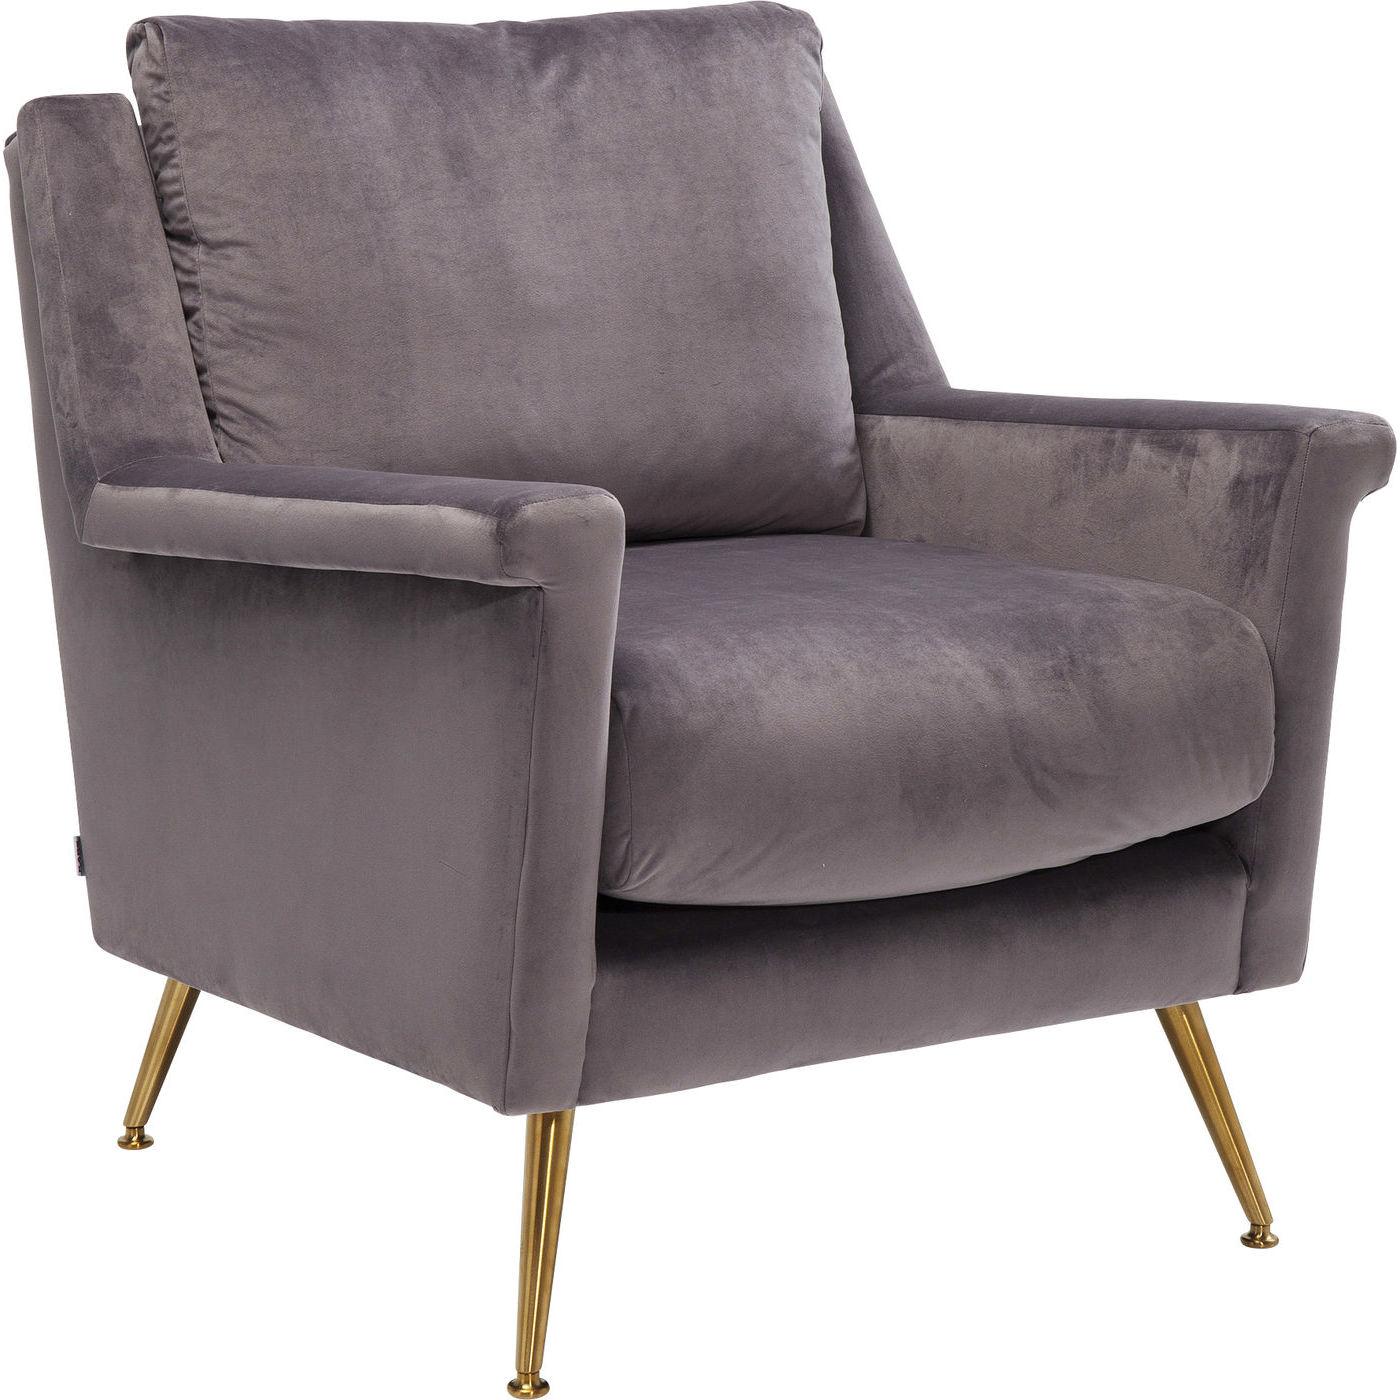 kare design – Kare design san diego grey lænestol - gråt stof/messing stål, m. armlæn fra boboonline.dk